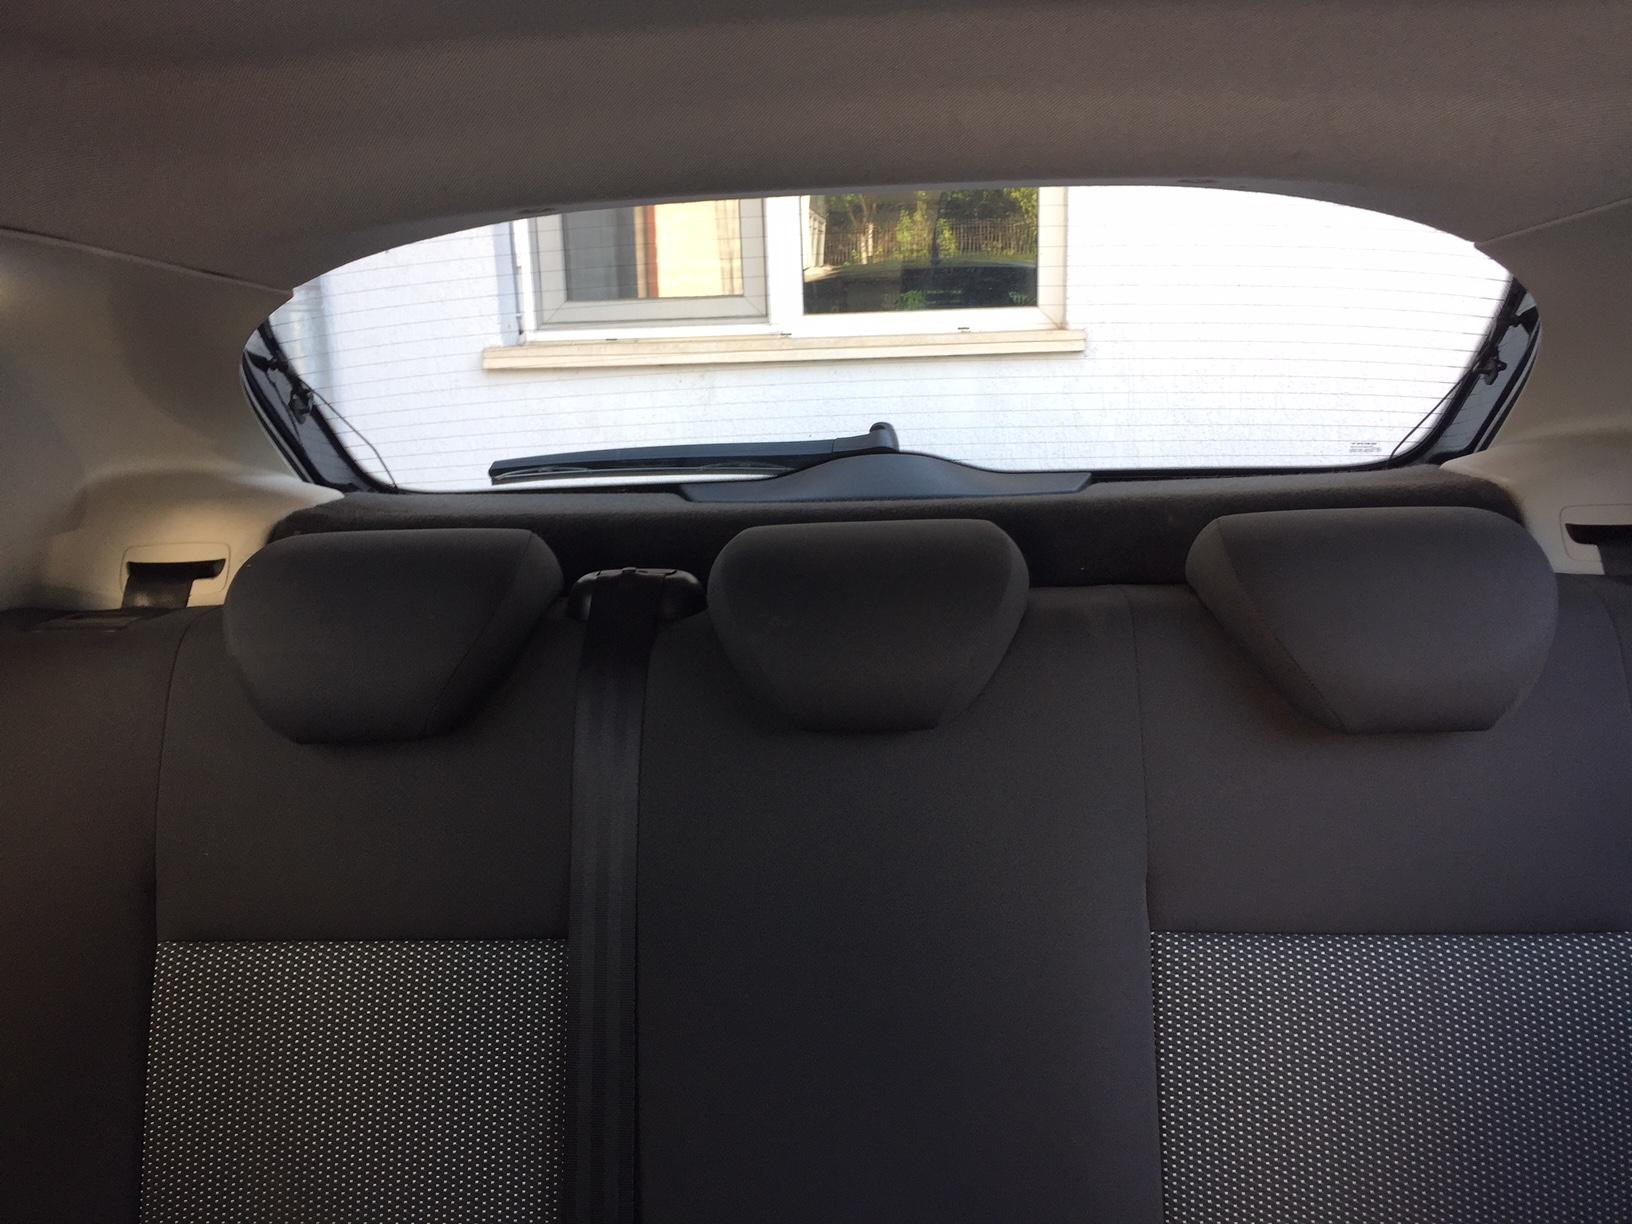 21.08.2018 Poze Seat Ibiza VSSZZZ6JZAR093254 (11)